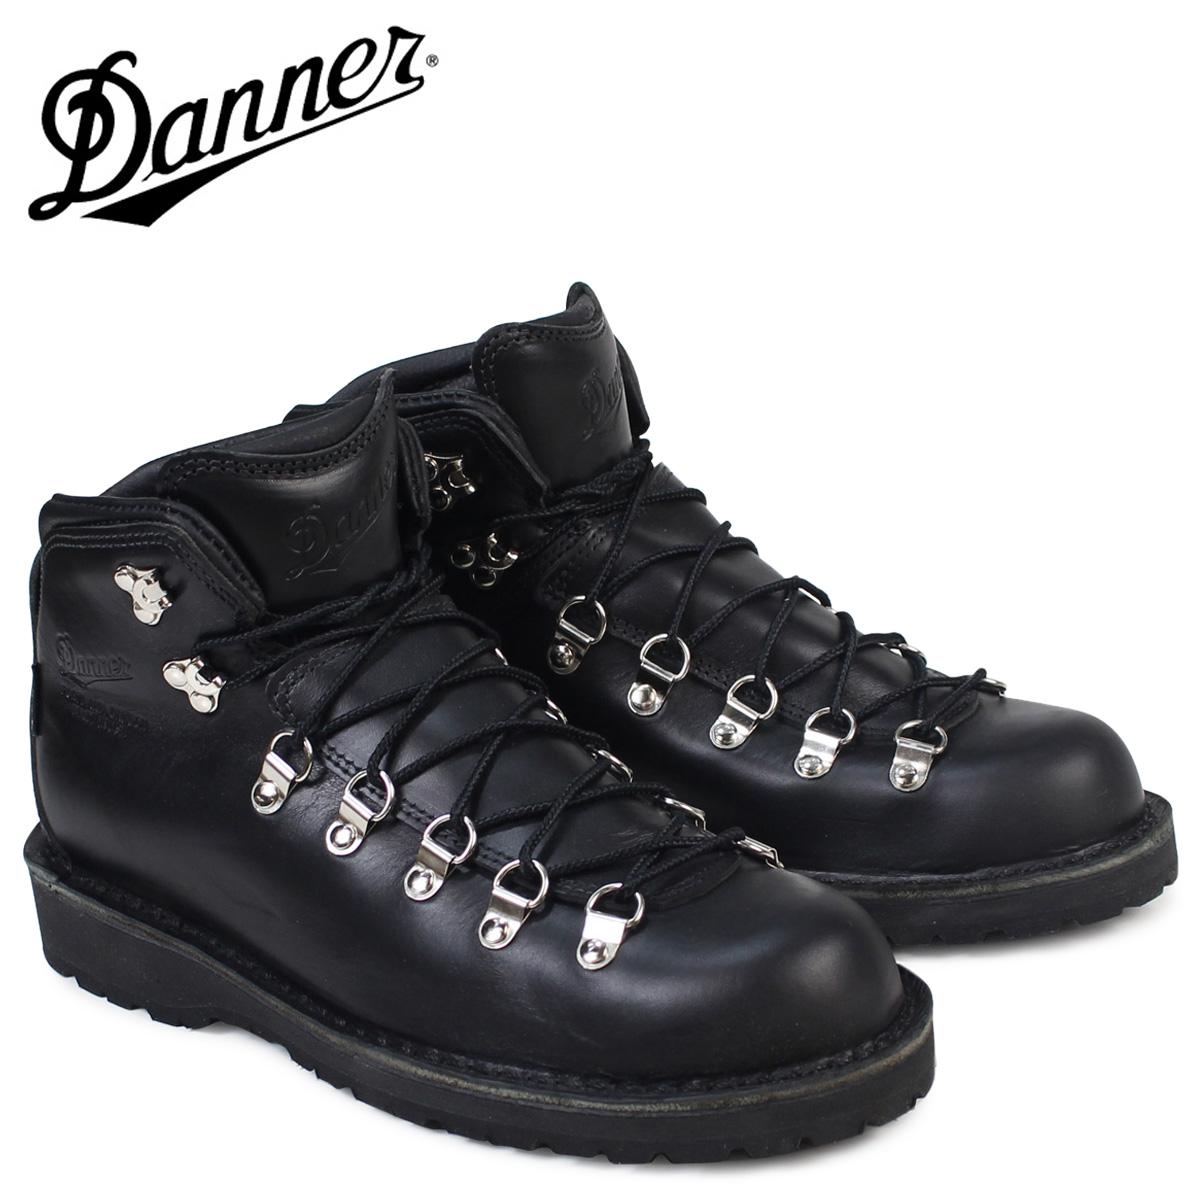 【最大2000円OFFクーポン】 ダナー Danner ブーツ MOUNTAIN PASS 33275 MADE IN USA メンズ ブラック